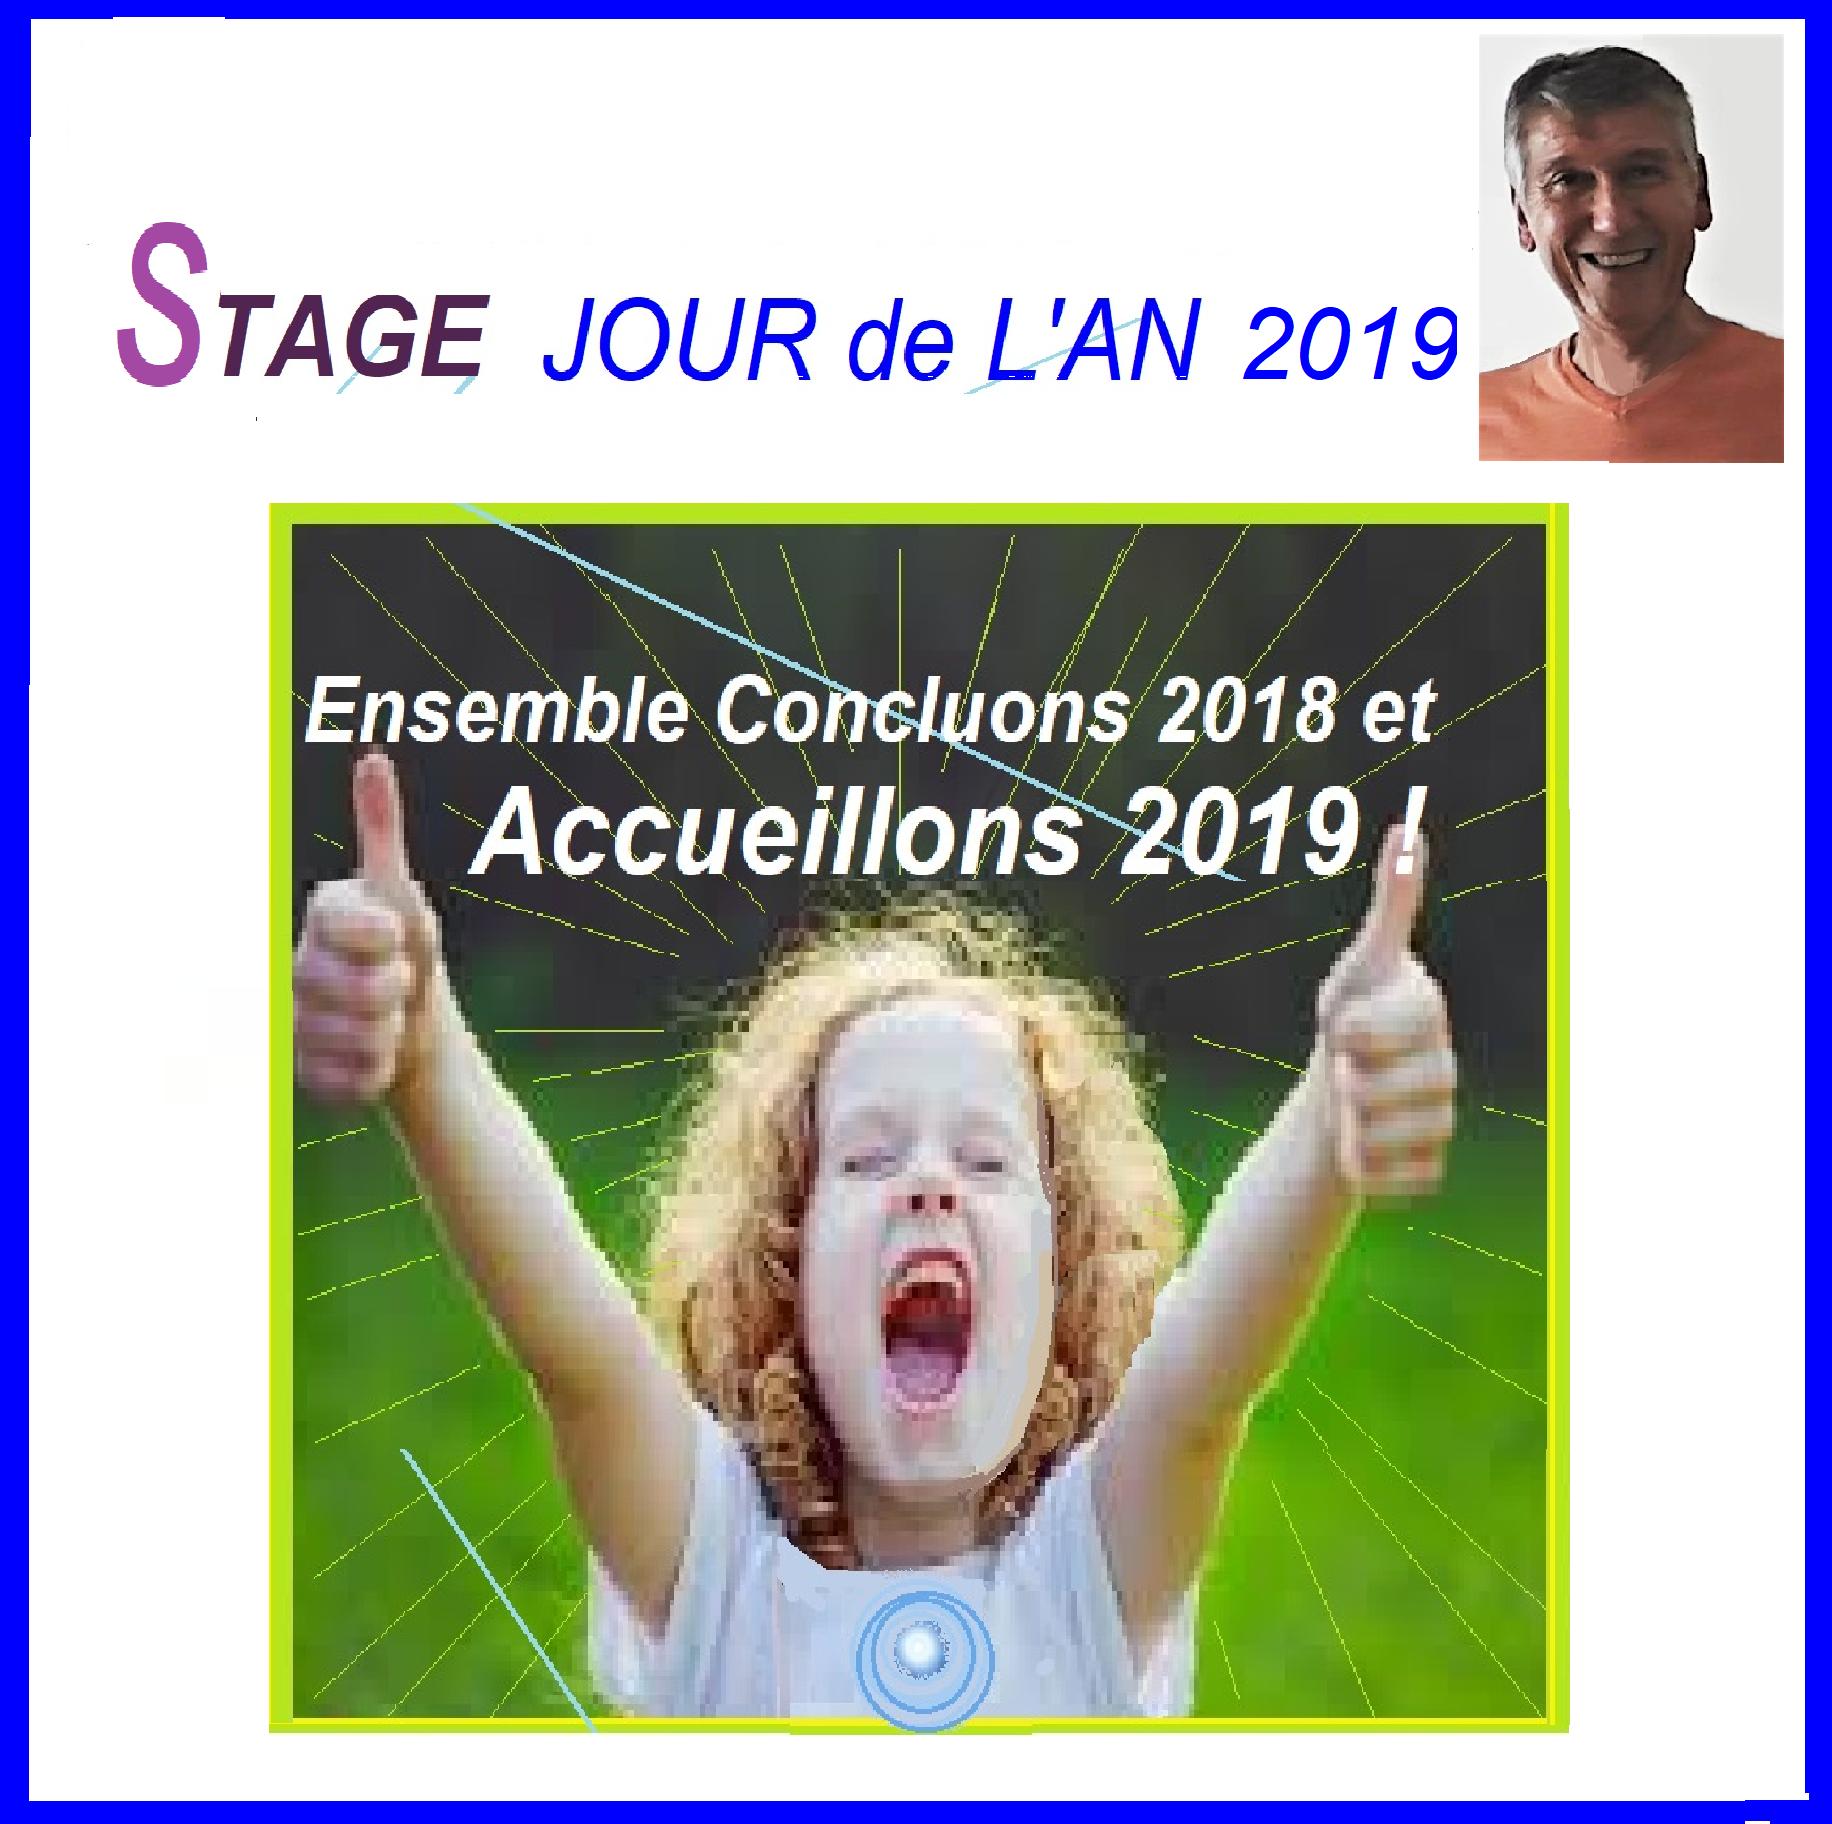 Stage Jour de L'An 2019 : Passons le ensemble !